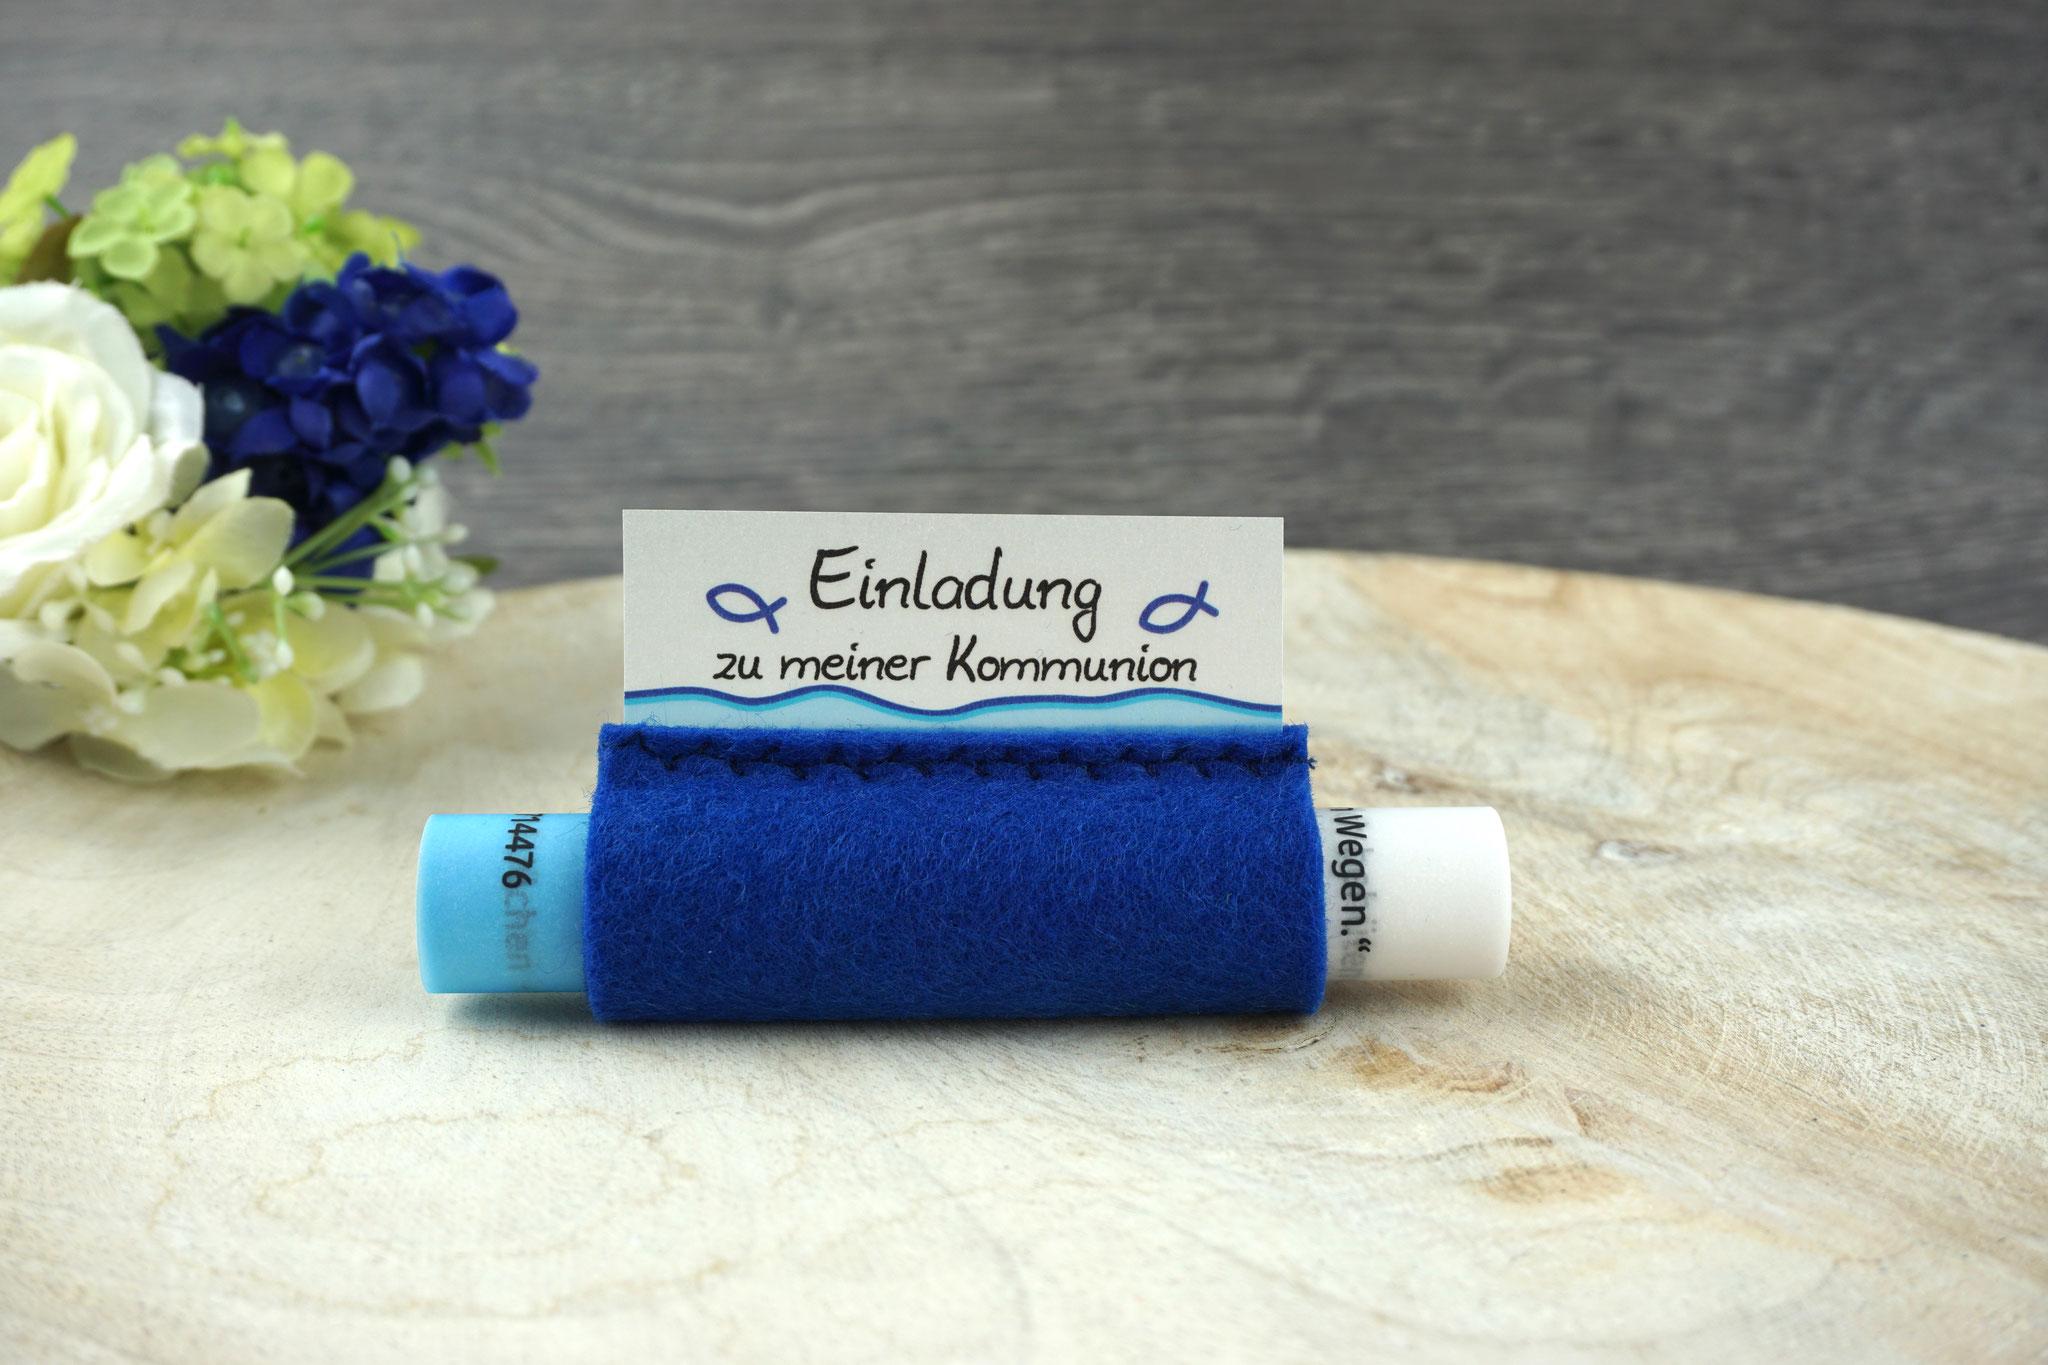 Einladungskarte aus Pergamentpapier Design Fisch Silhouette, Filz royalblau - ohne Schleife